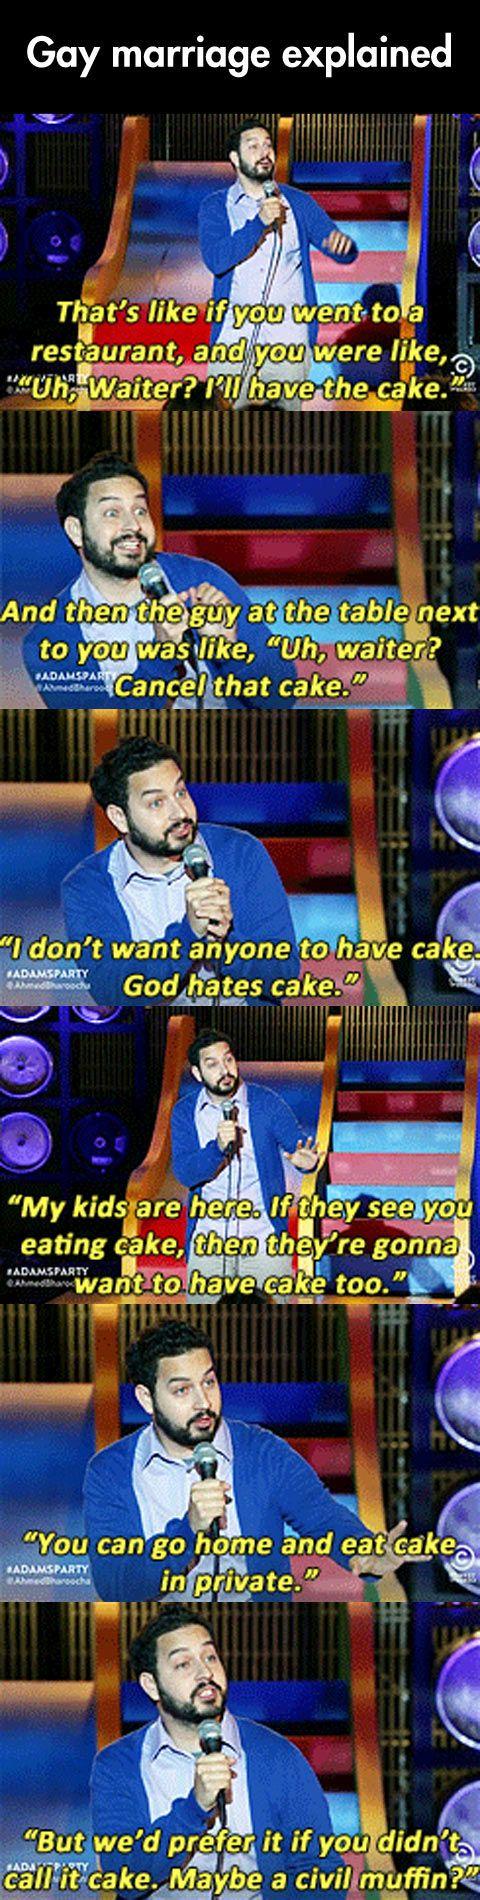 Civil muffin hahaha